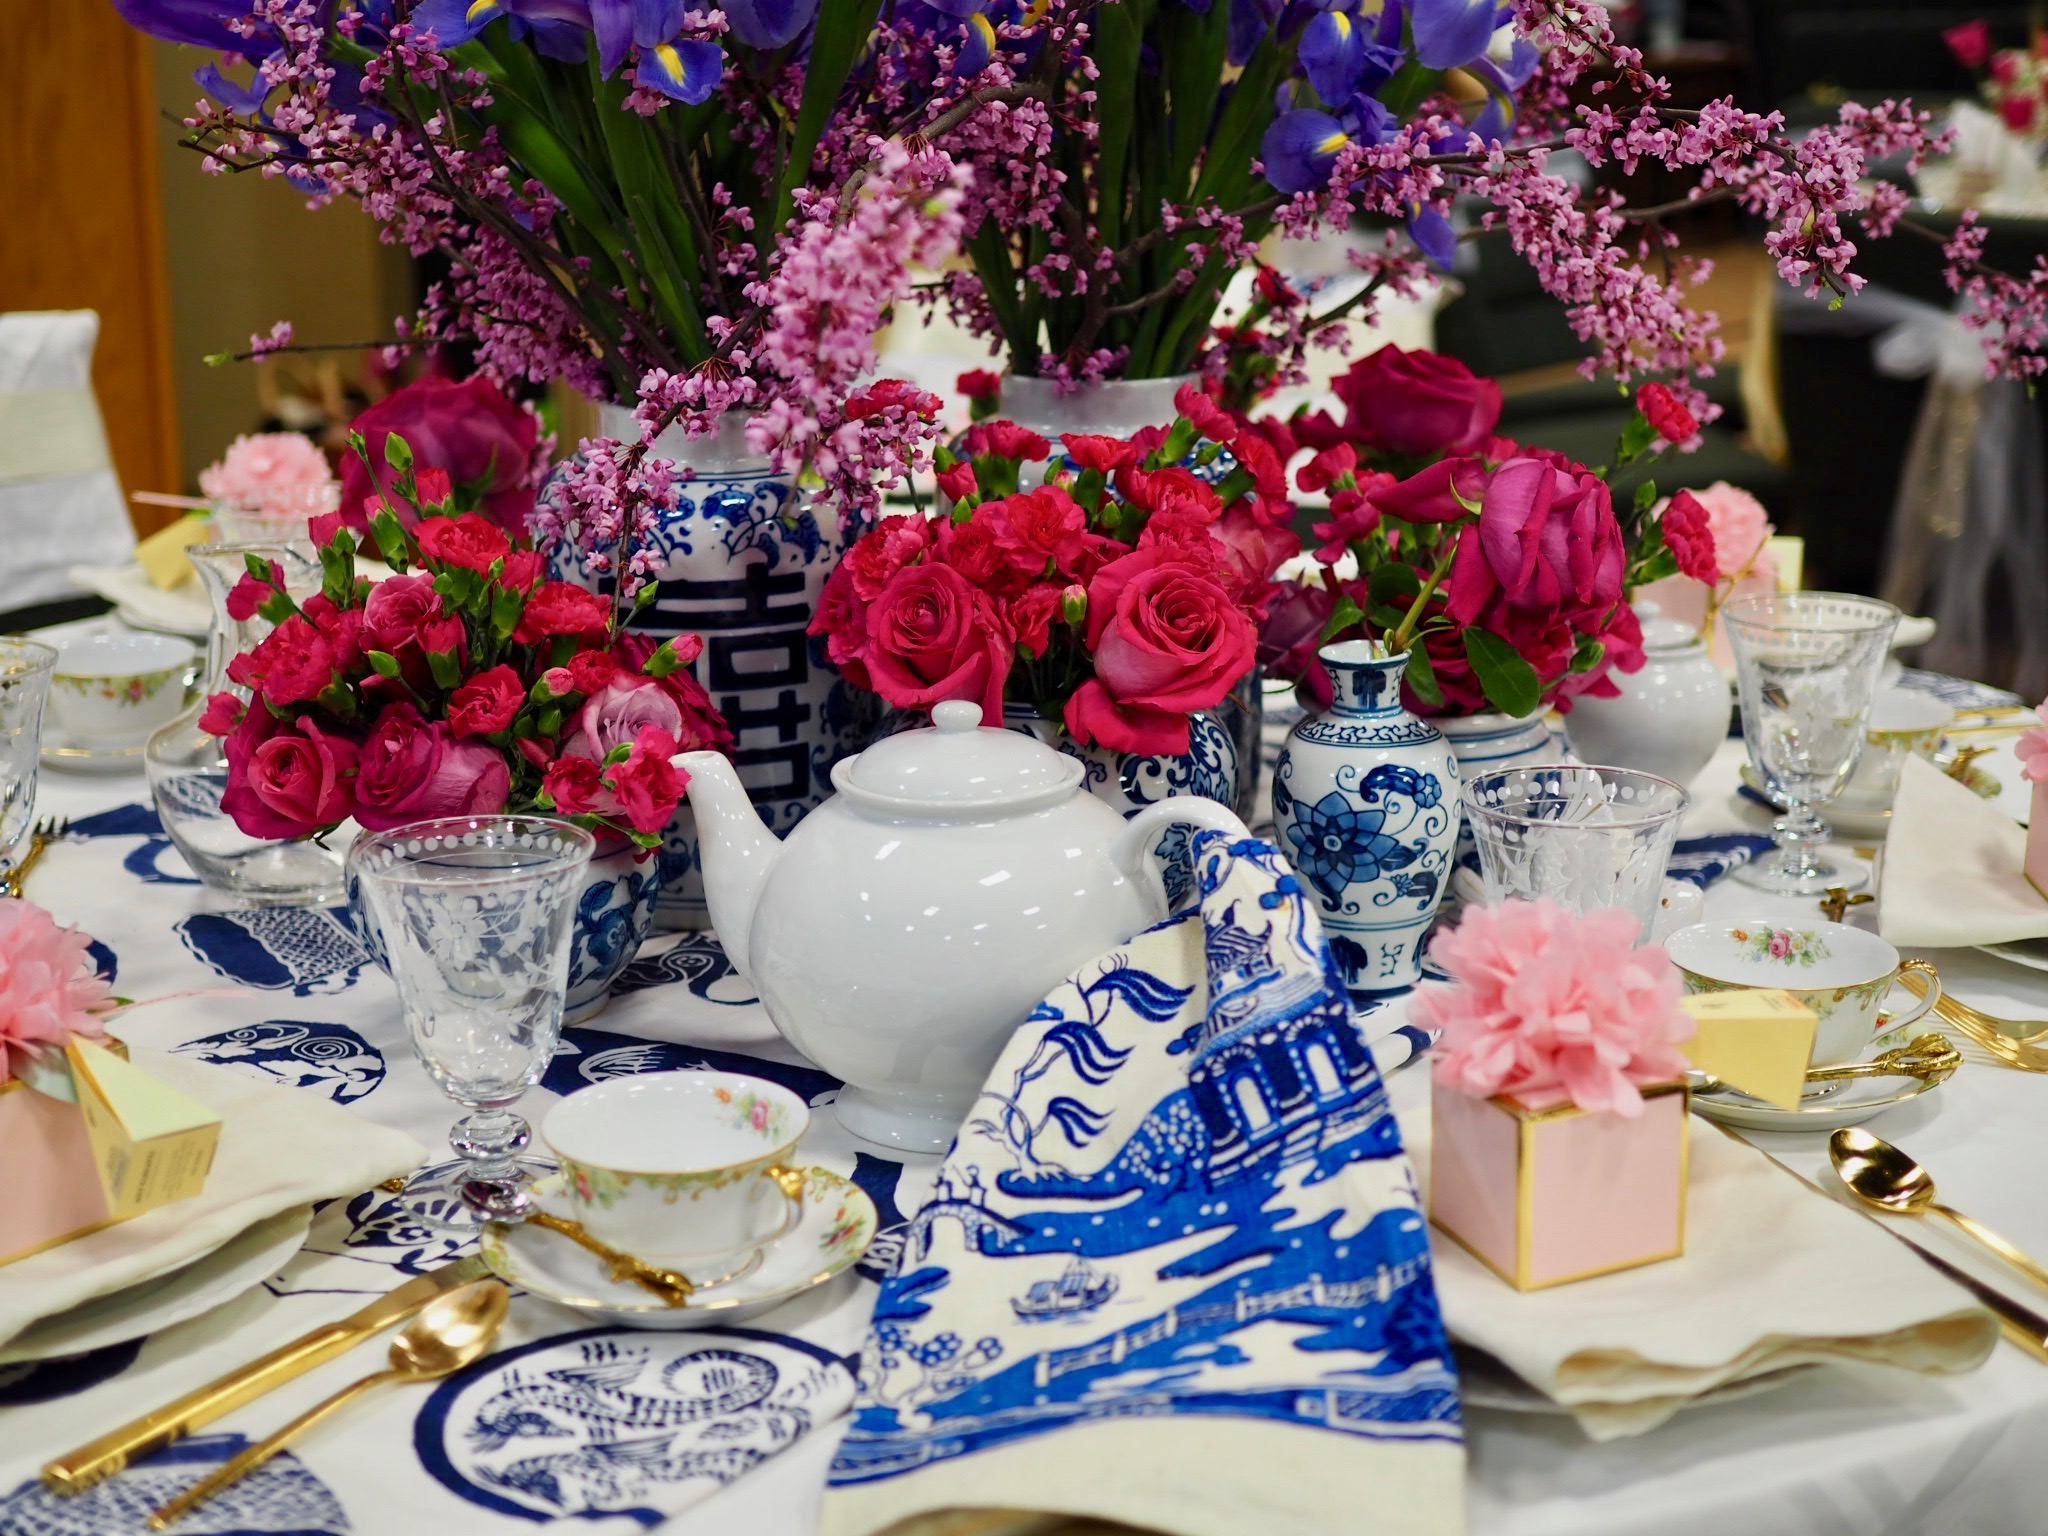 Teapot with a vintage blue toile tea towel